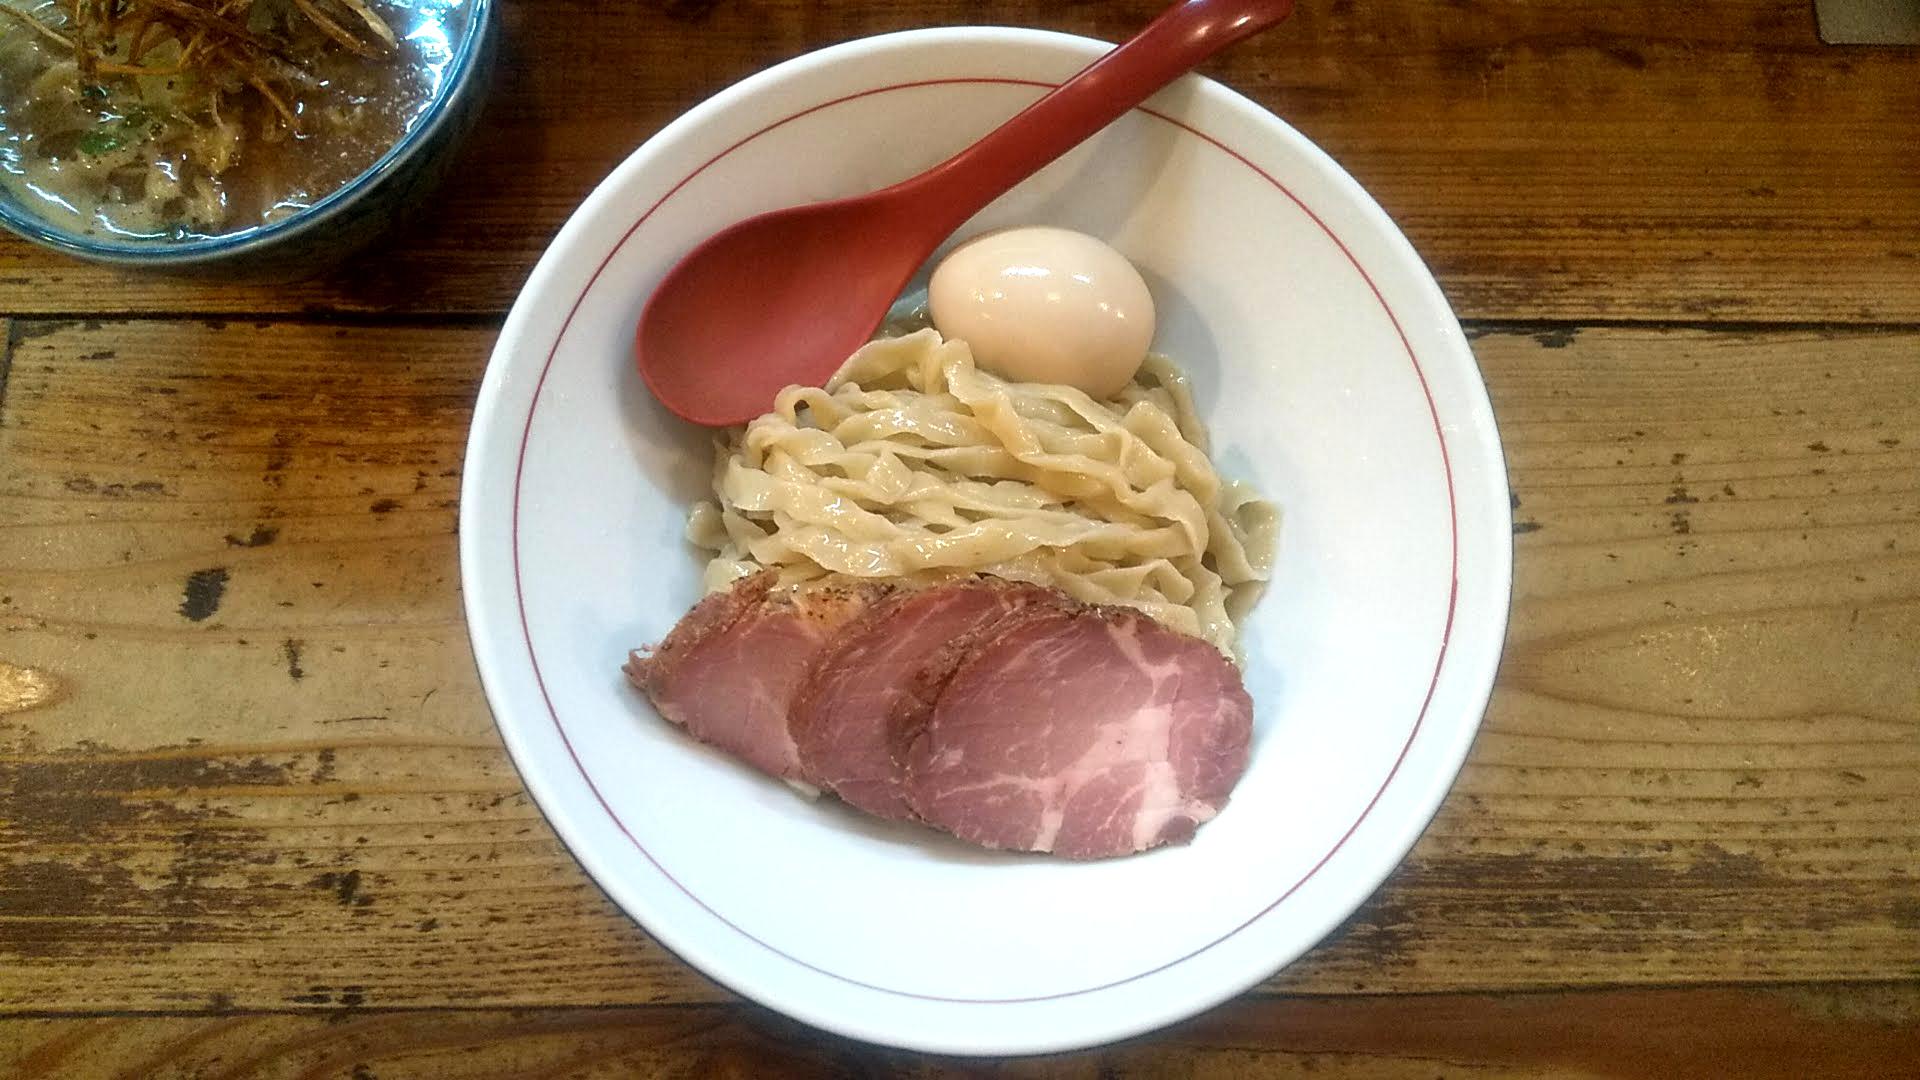 東京味噌らーめん鶉の特製味噌つけ麺の麺皿の写真